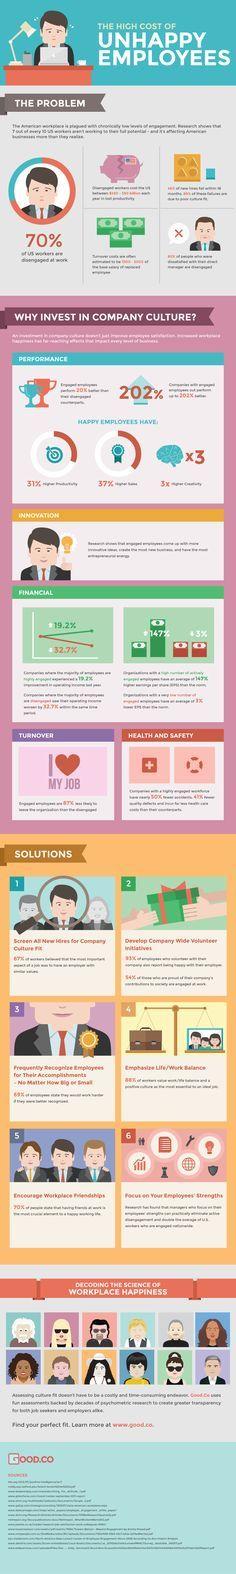 The high cost of unhappy employees #Infographic #HHRR / El coste de los empleados infelices #Motivación #RRHH #Infografía